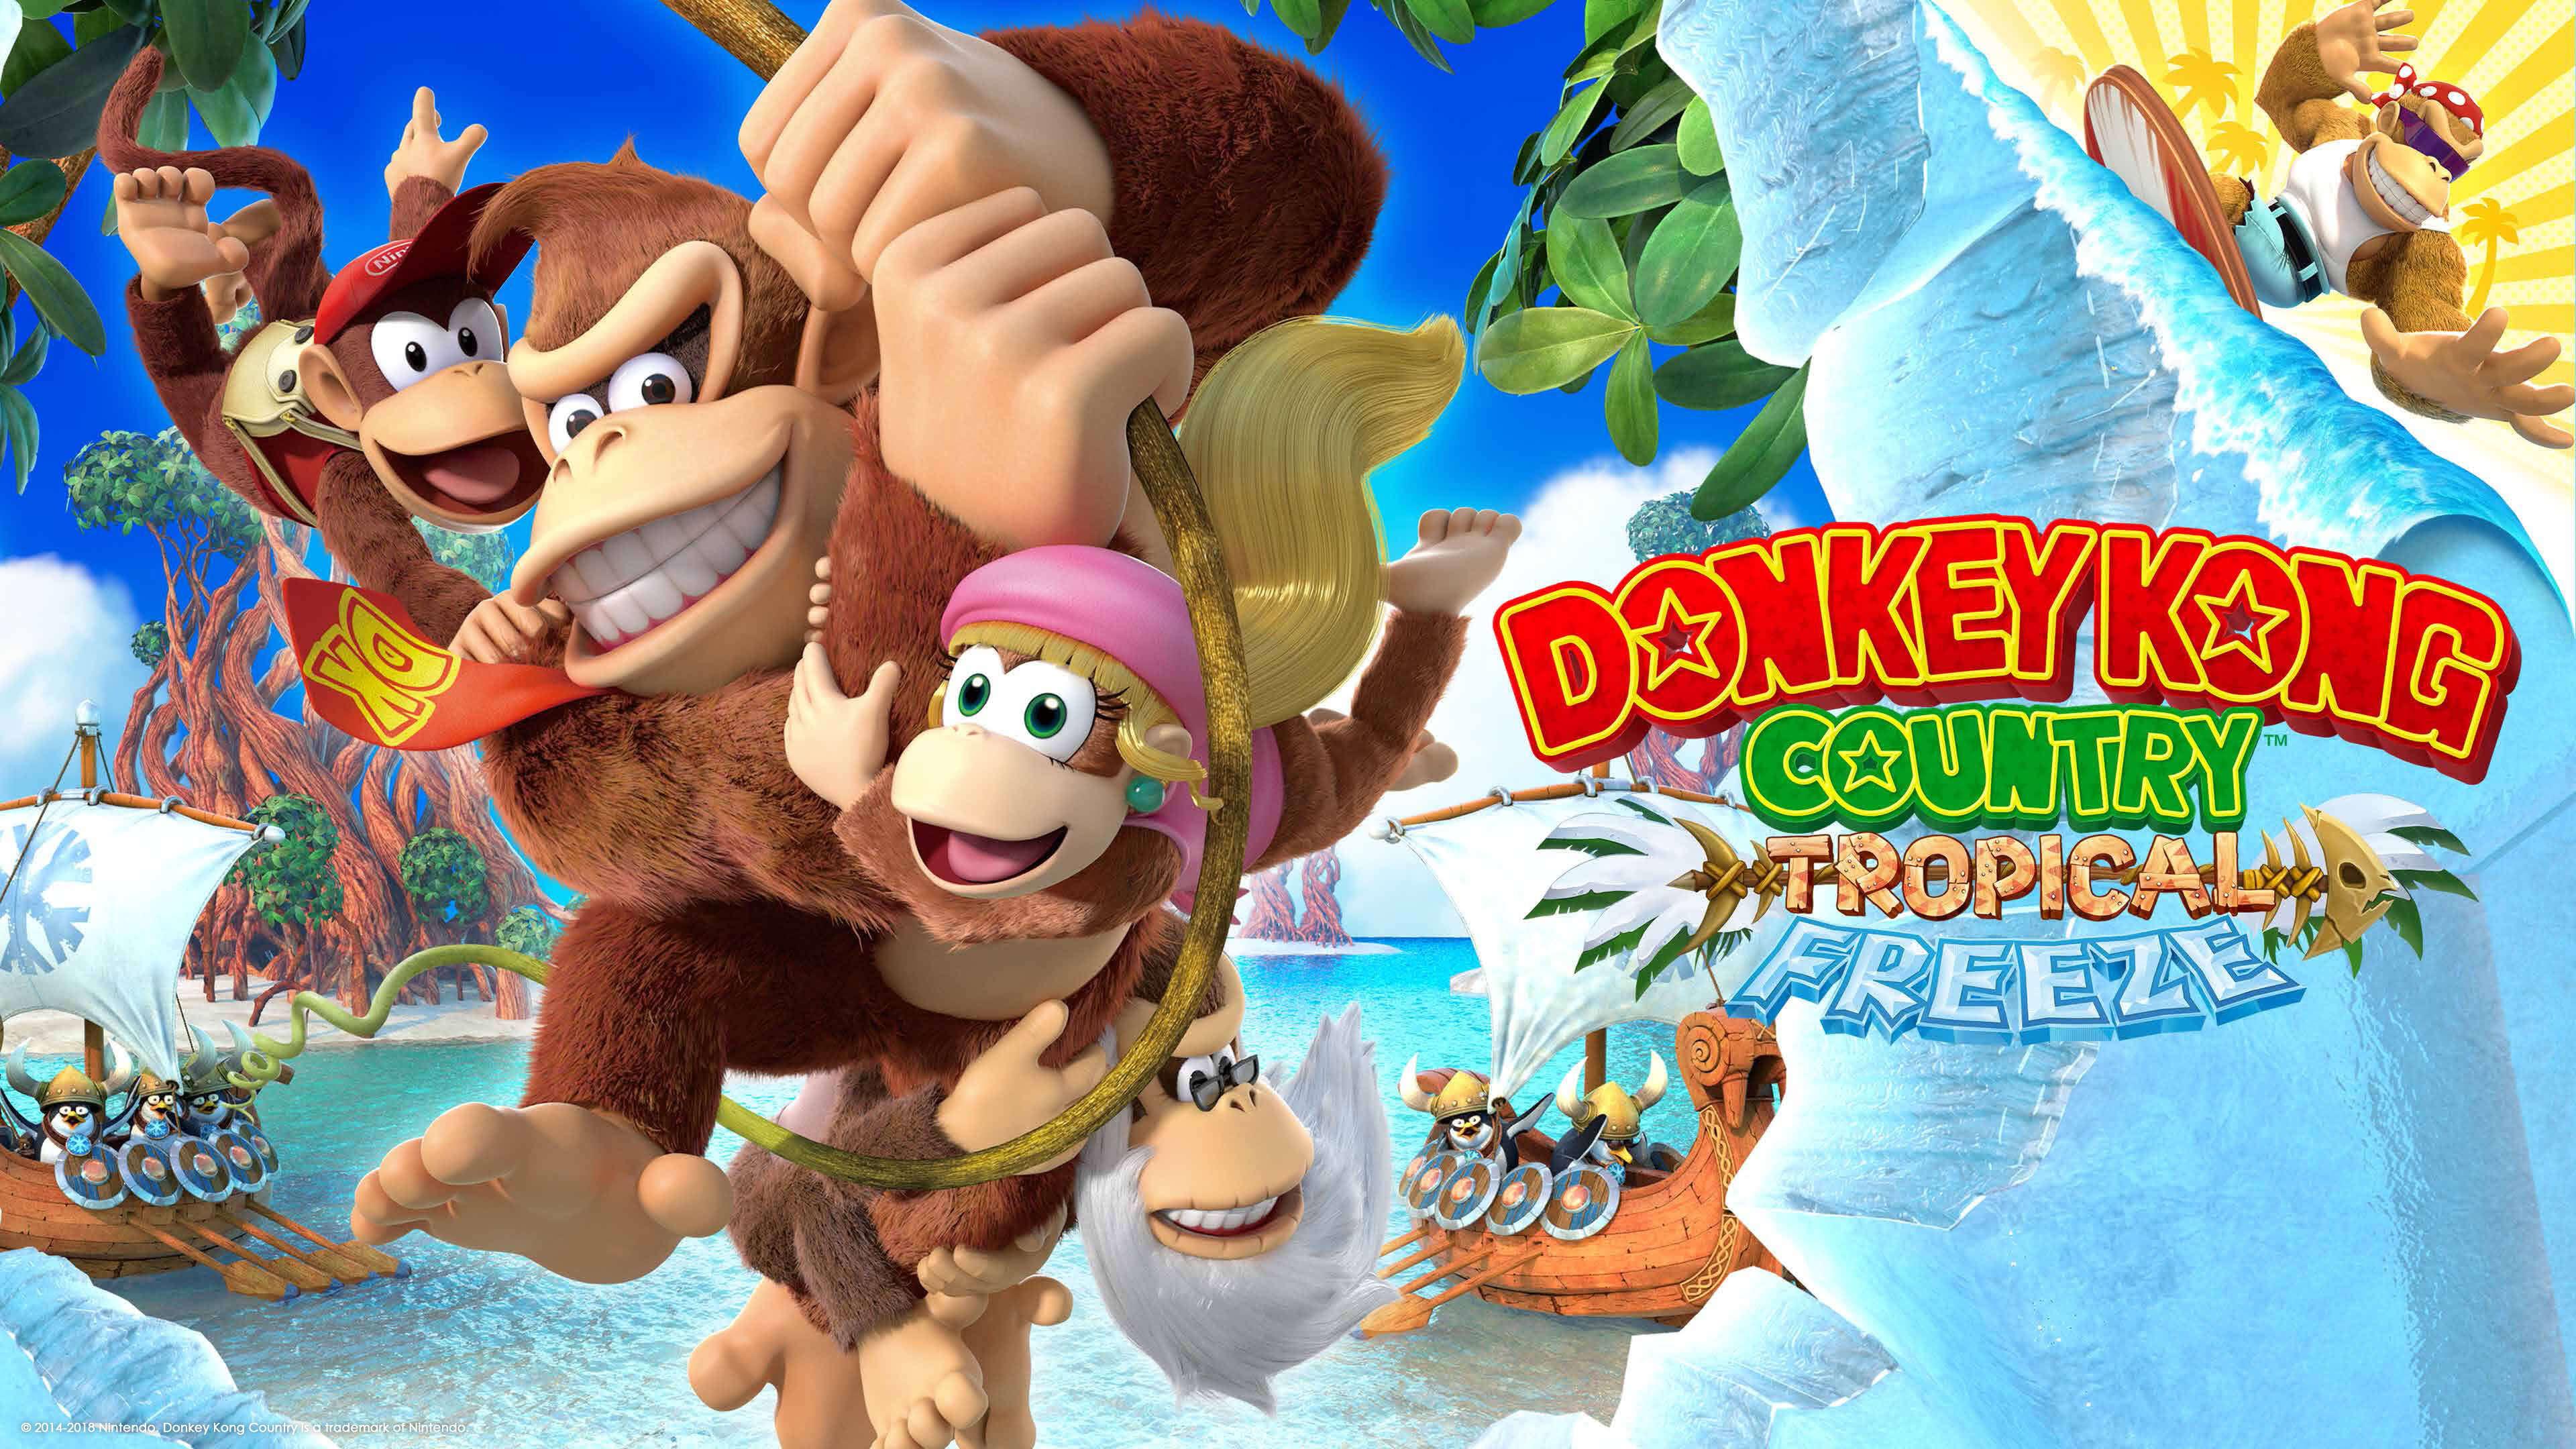 Donkey Kong Country Tropical Freeze Uhd 4k Wallpaper Pixelz